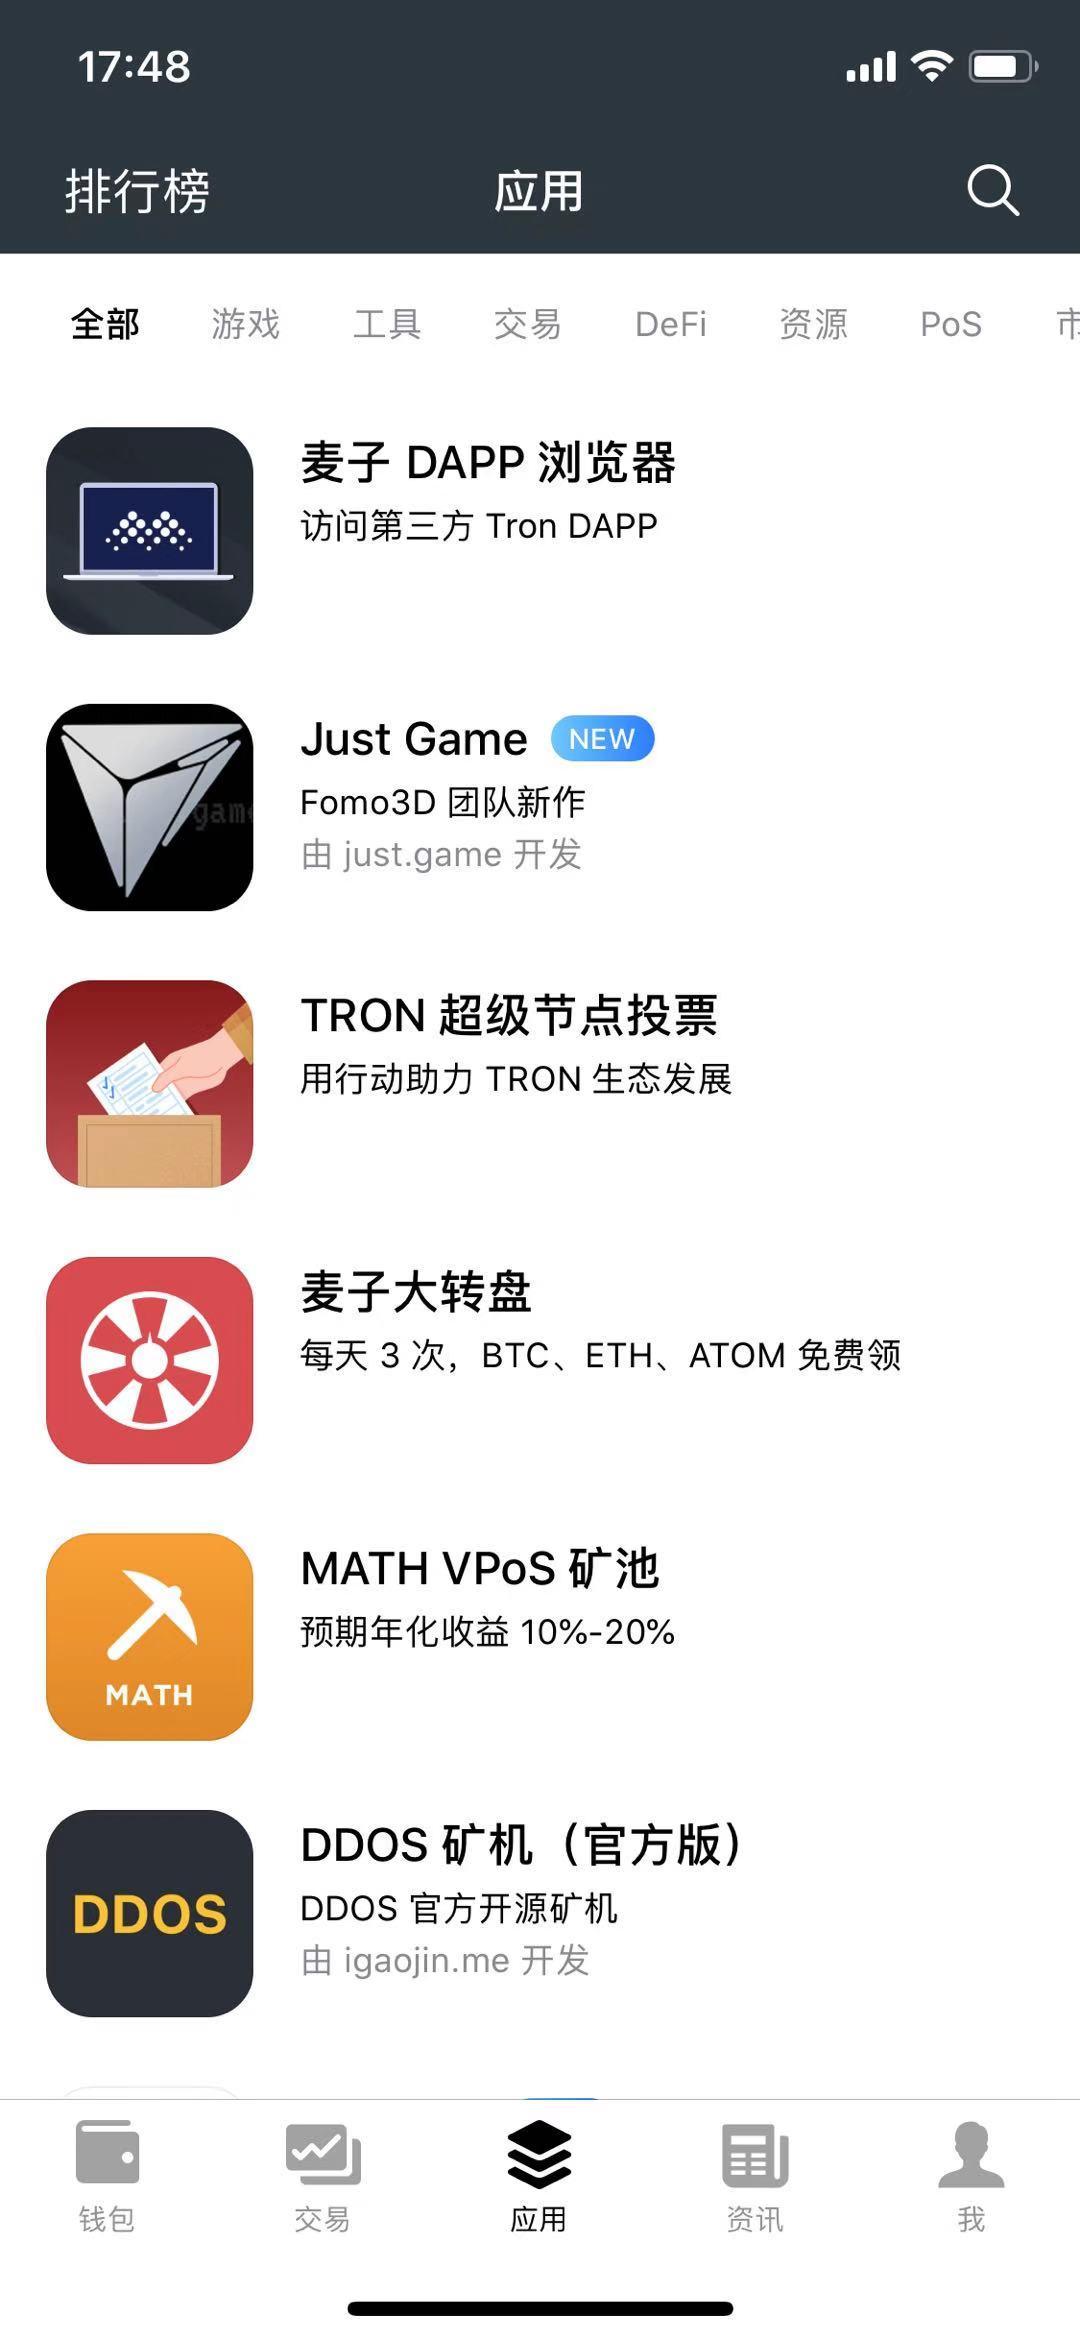 比特币新闻-Just.game 麦子钱包游戏指南